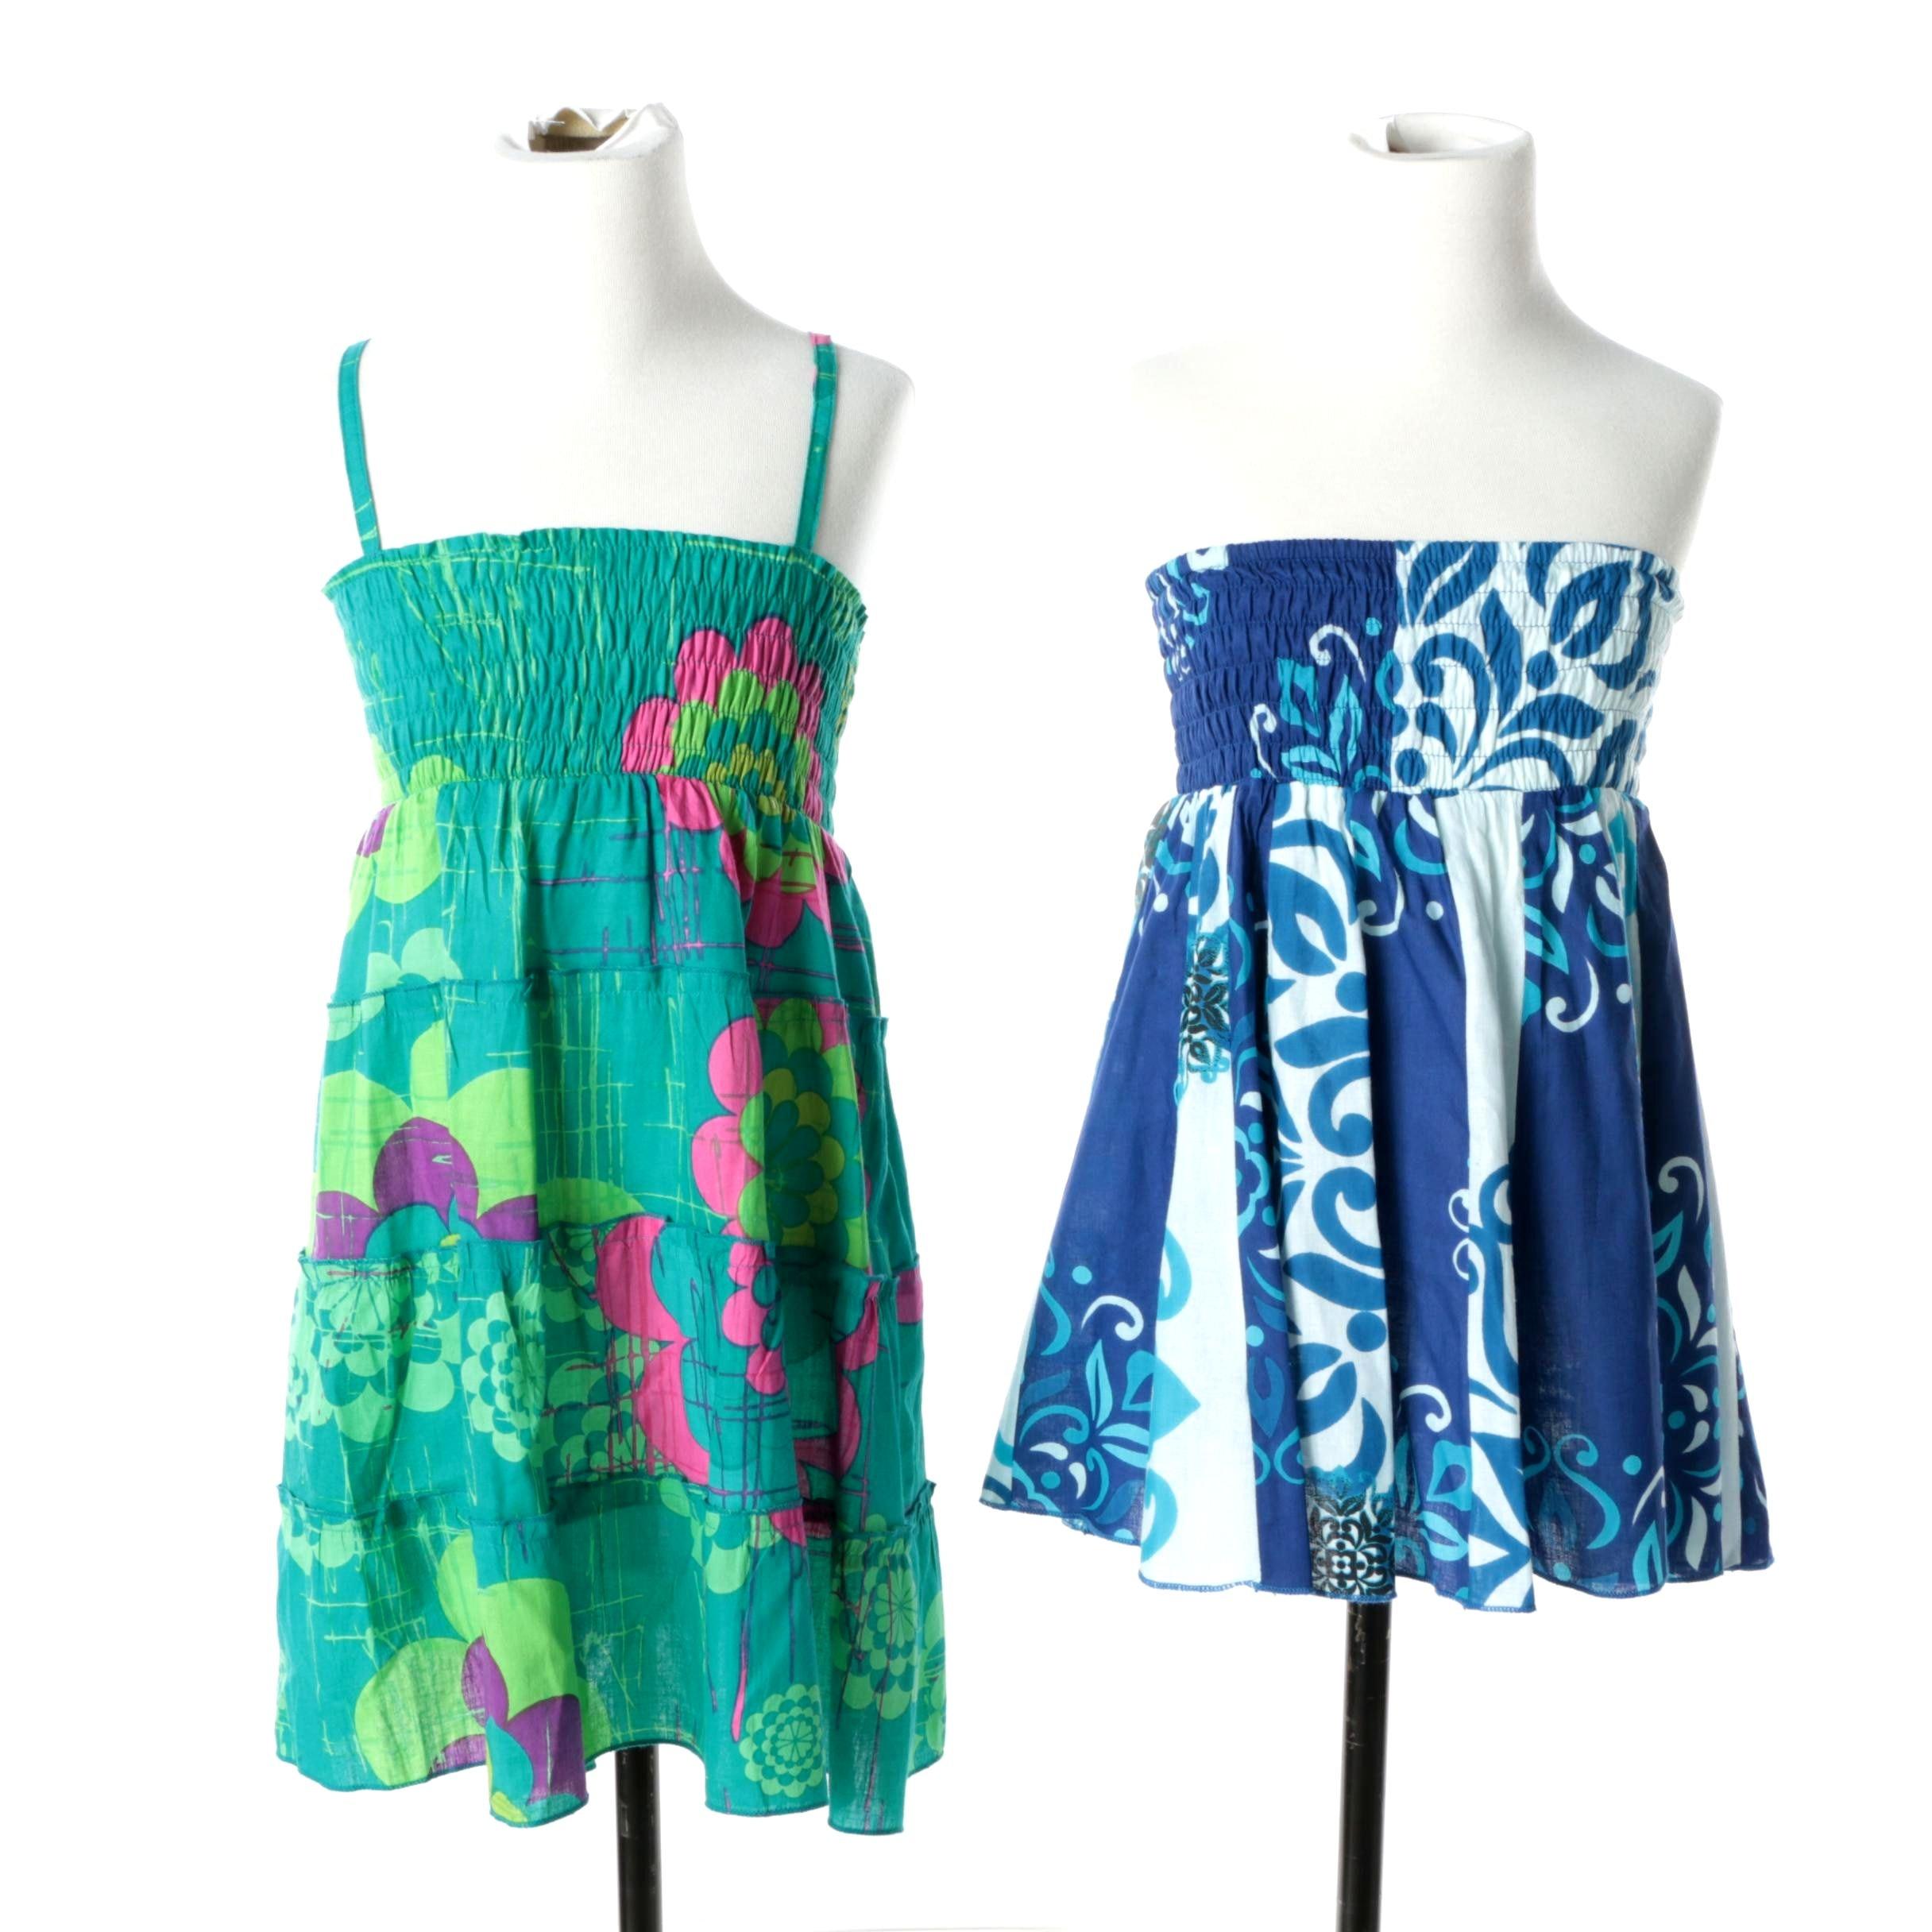 Girls' Aller Simplement Blue Smocked Dress and Skirt